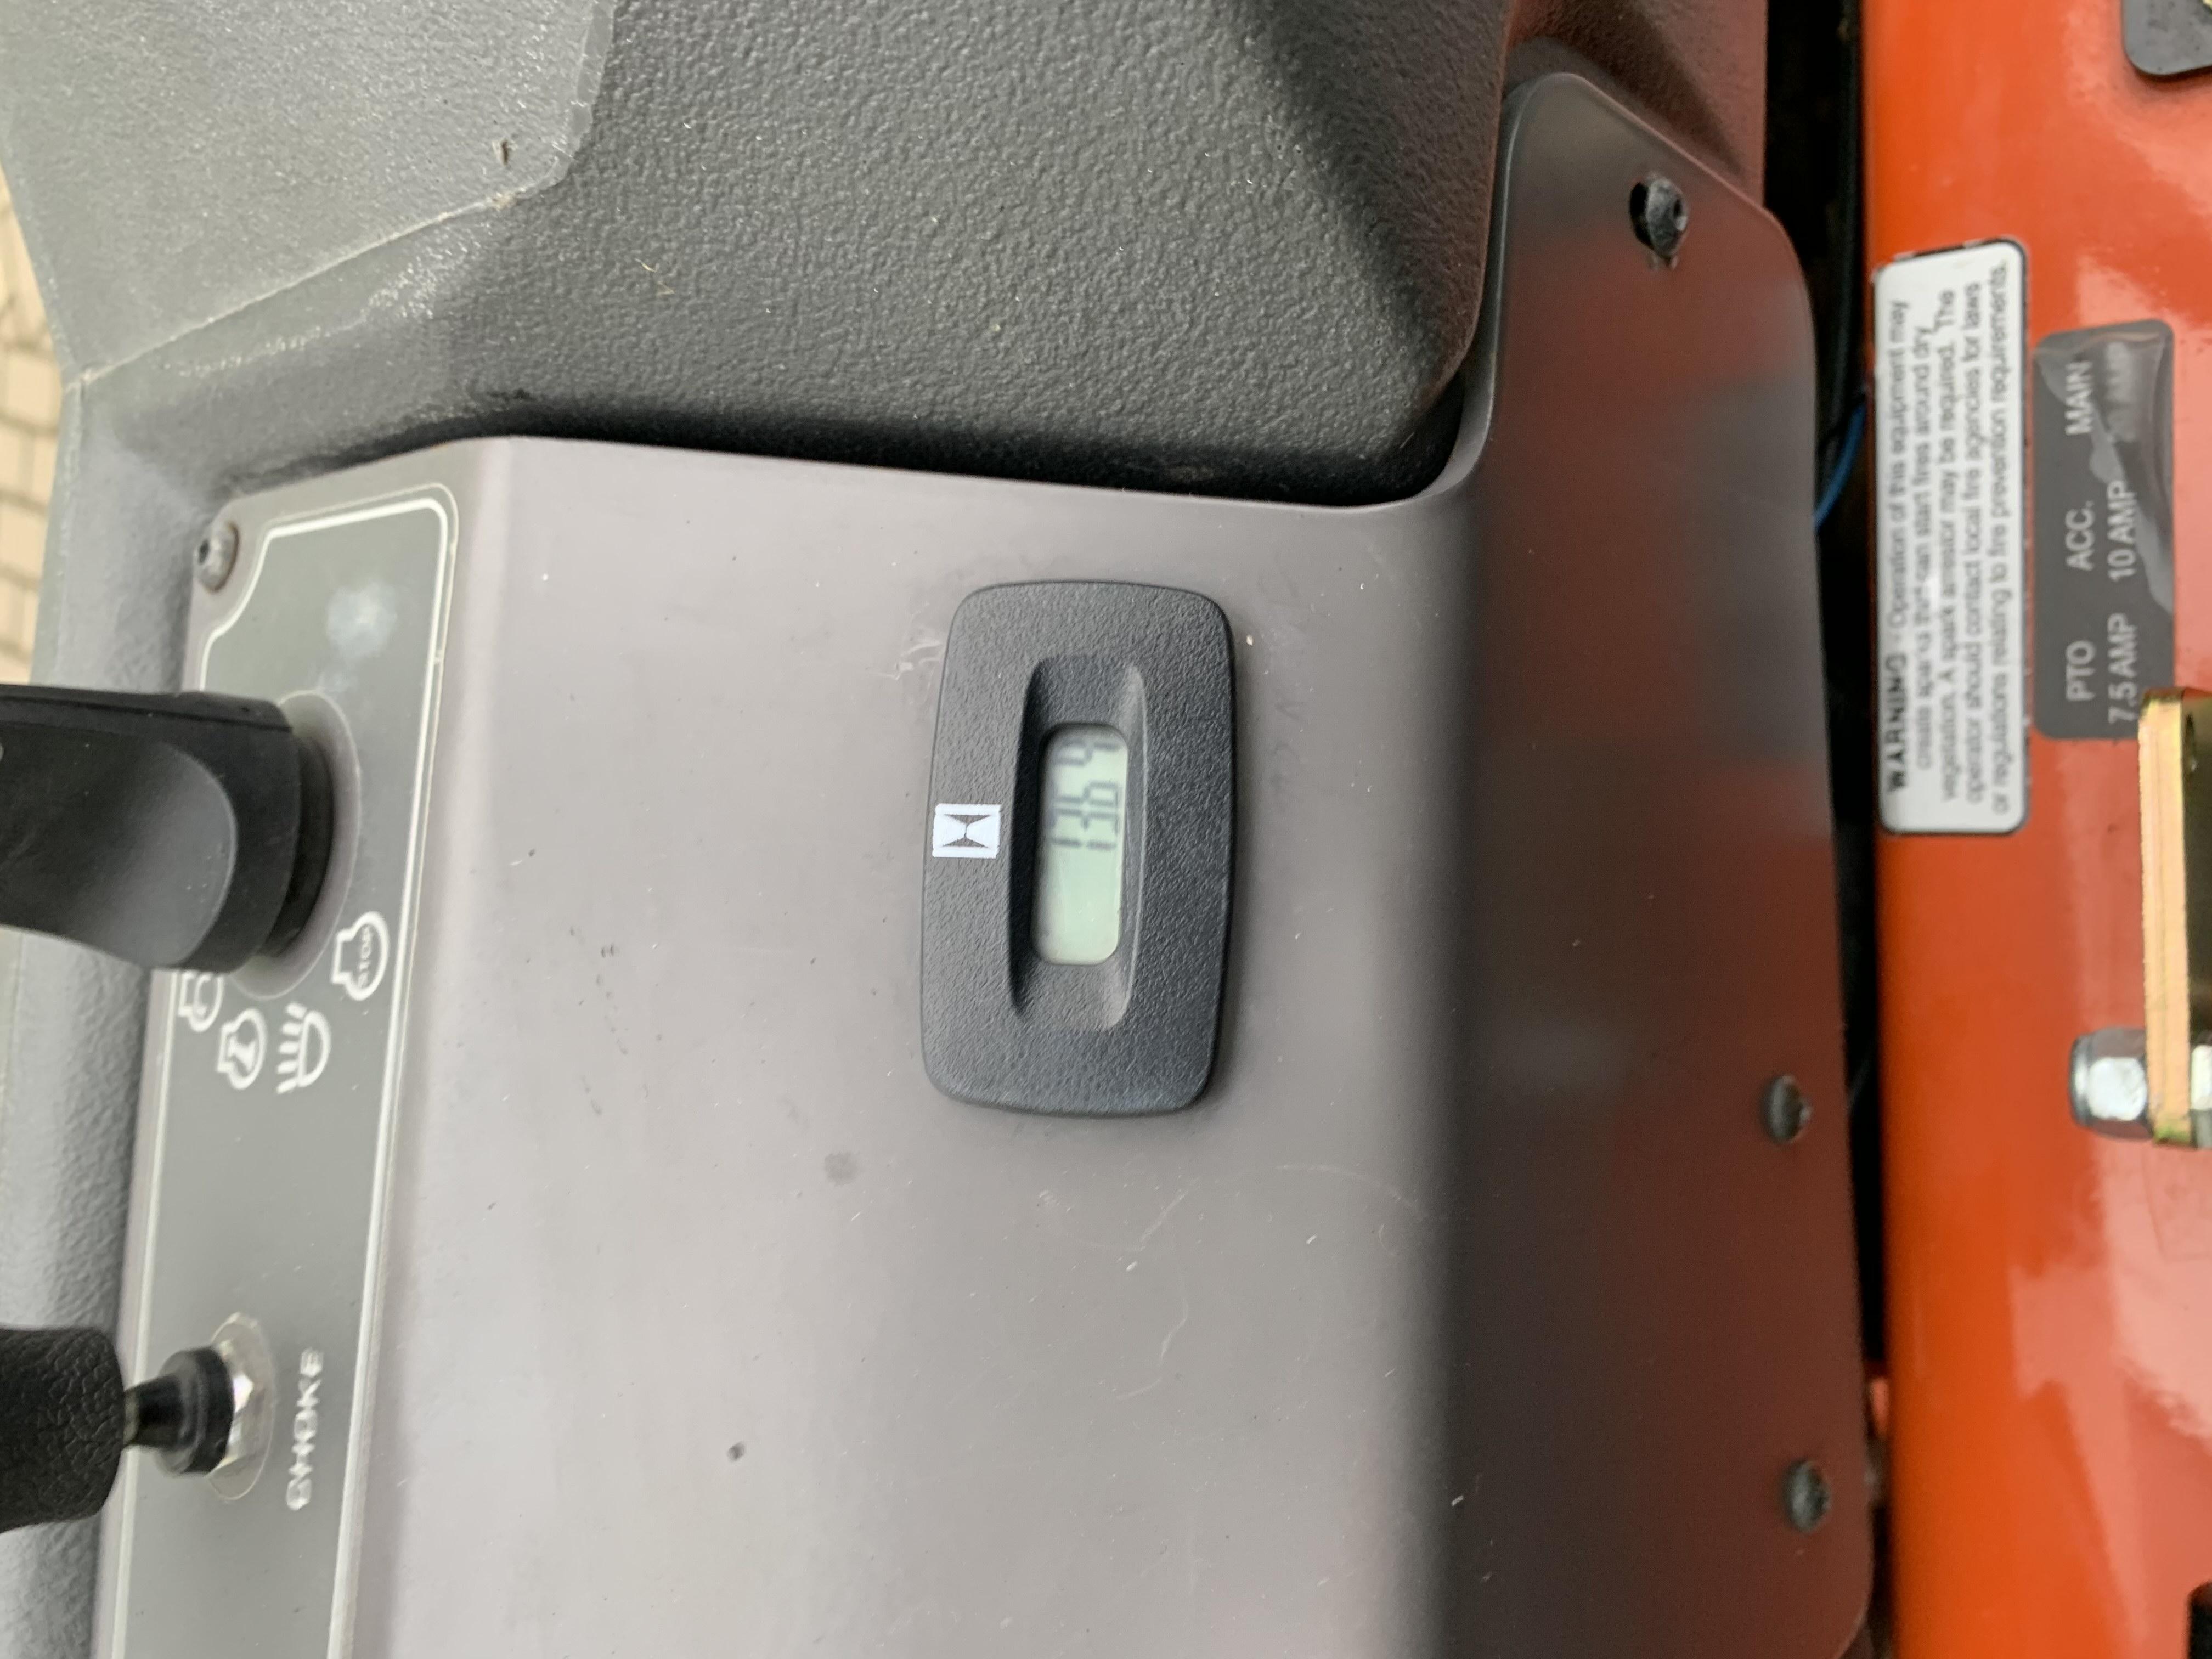 Oranžs Husqvarna nulles pagrieziena zāles pļāvējs, modelis ''PZ54_4'', skats no iekšpuses